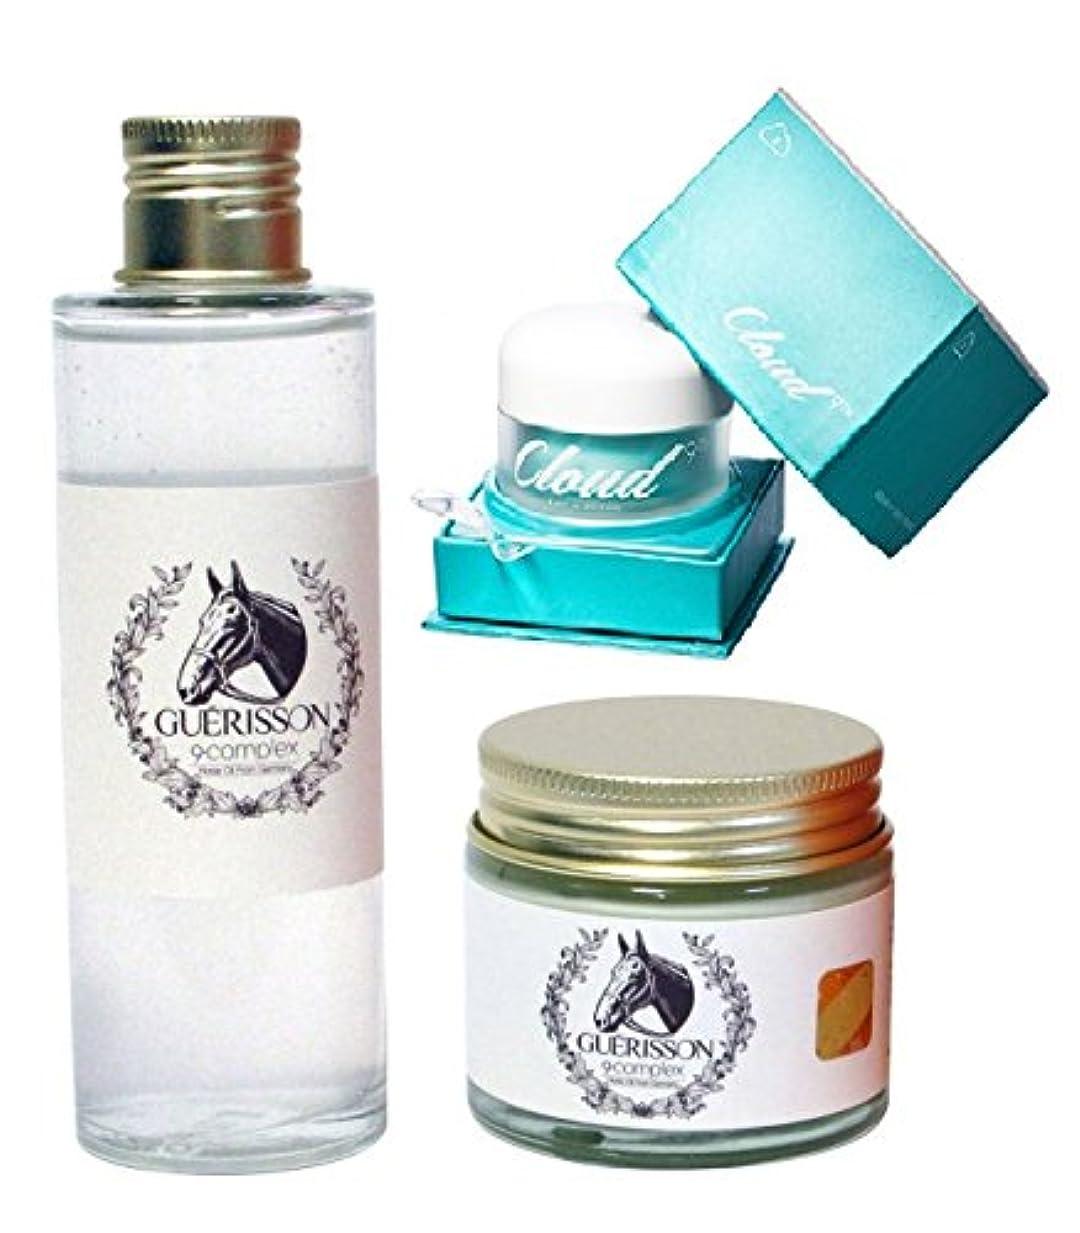 ご覧くださいオーストラリア人してはいけないGUERISSON / CLOUD 9 ゲリソン馬油クリーム70g + ゲリソン馬油エッセンス70g + クラウド・ホワイト二ング・クリーム50ml 3点セット (Moisturizing Scar Cream Horse Oil Wrinkle Care Set) 海外直送品